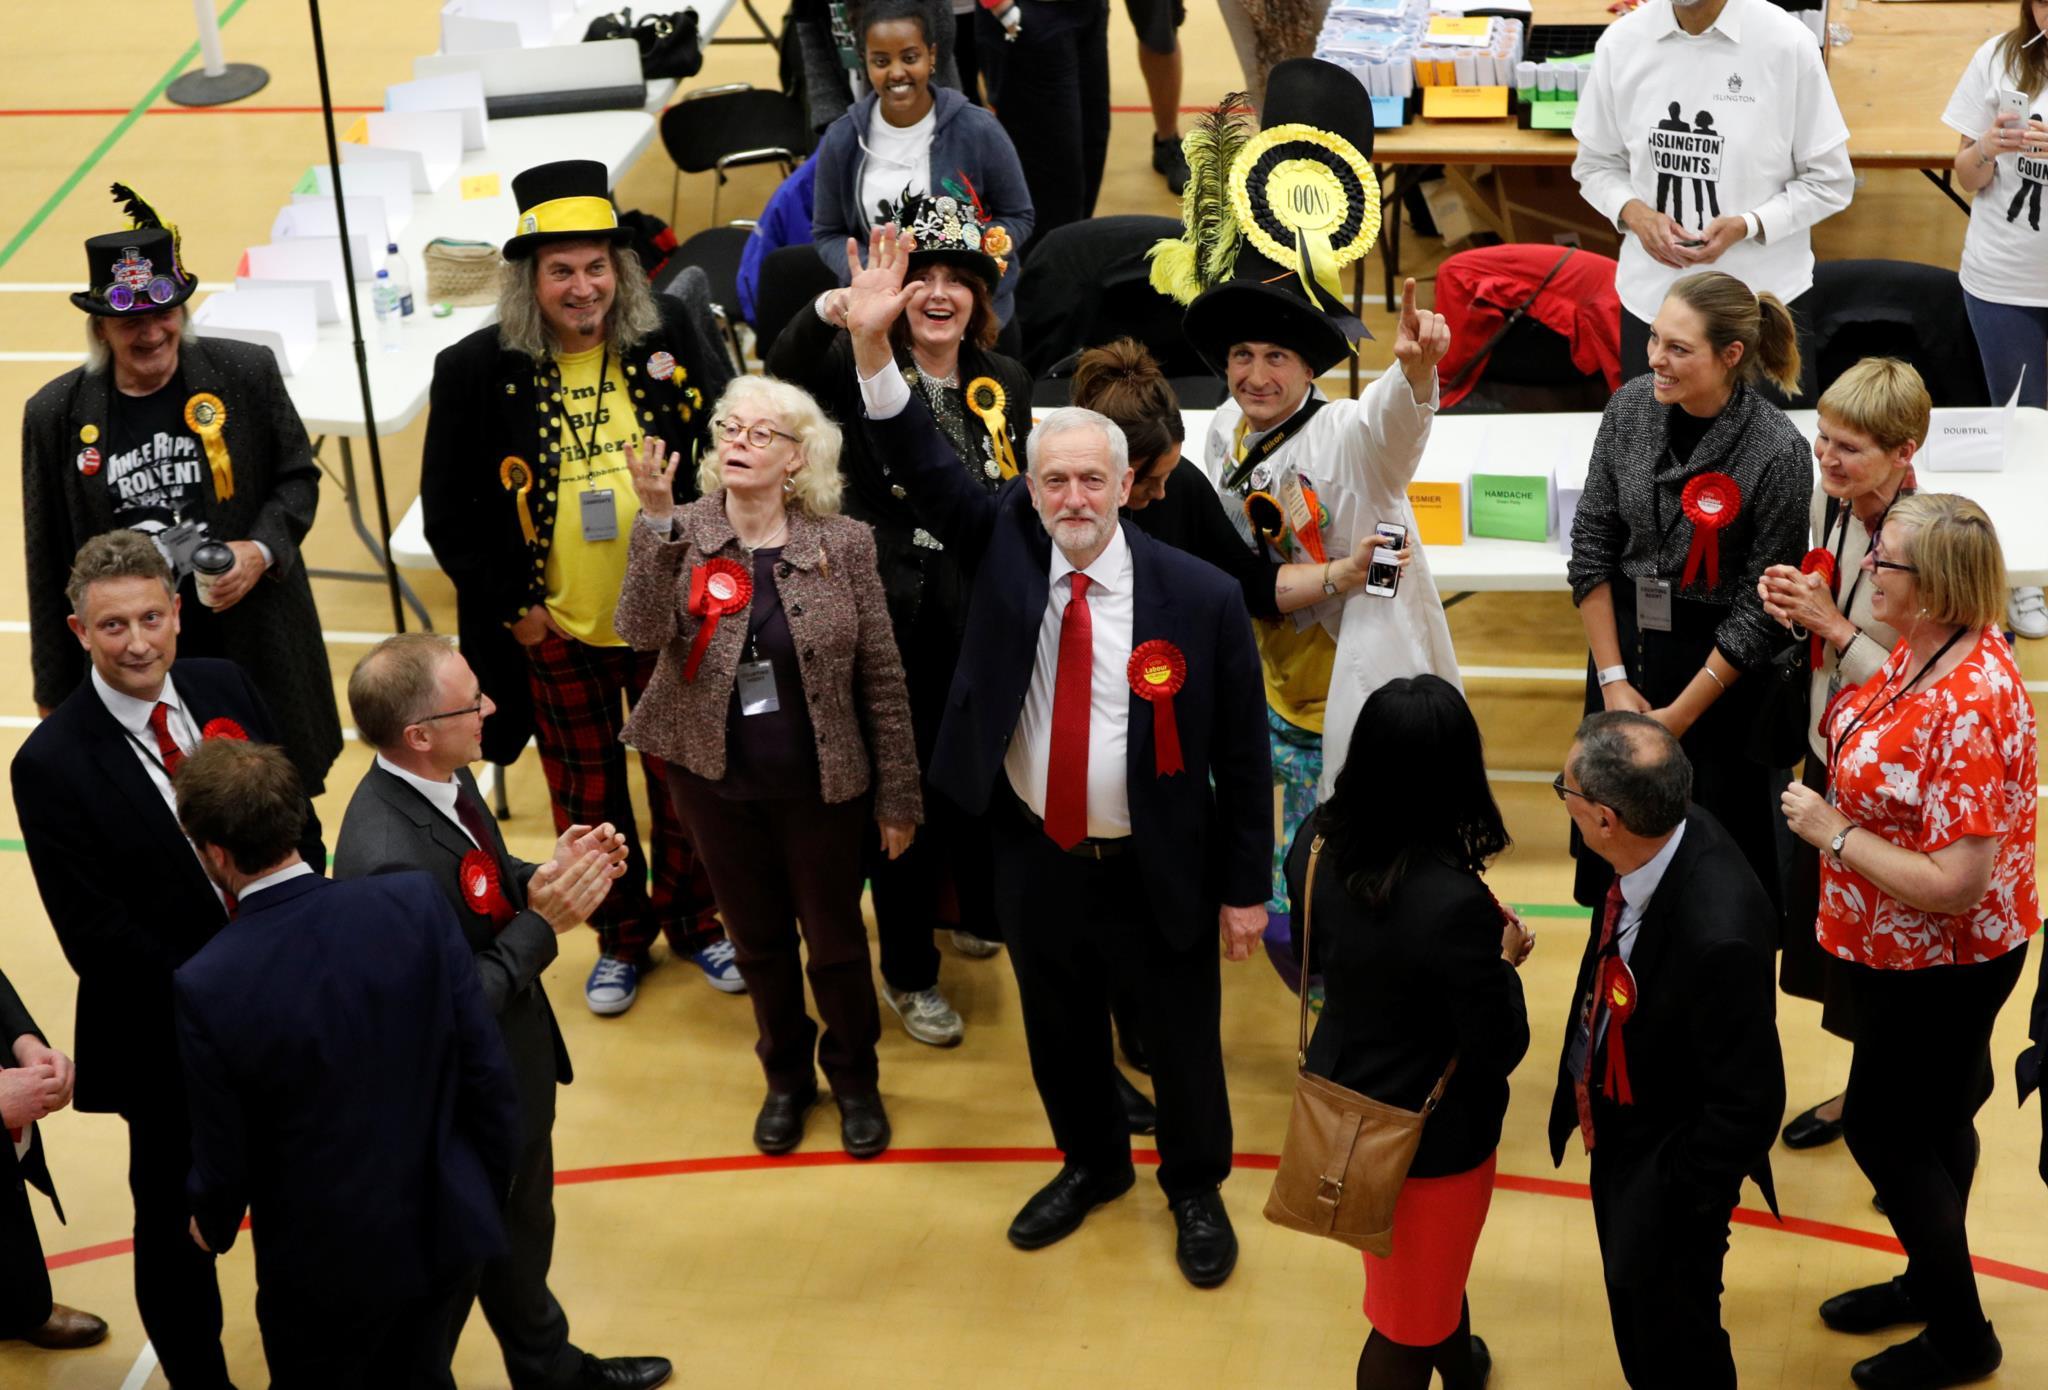 Jeremy Corbyn à chegada a um centro de contagem de votos rodeado por candidatos do partido Official Monster Raving Loony Party